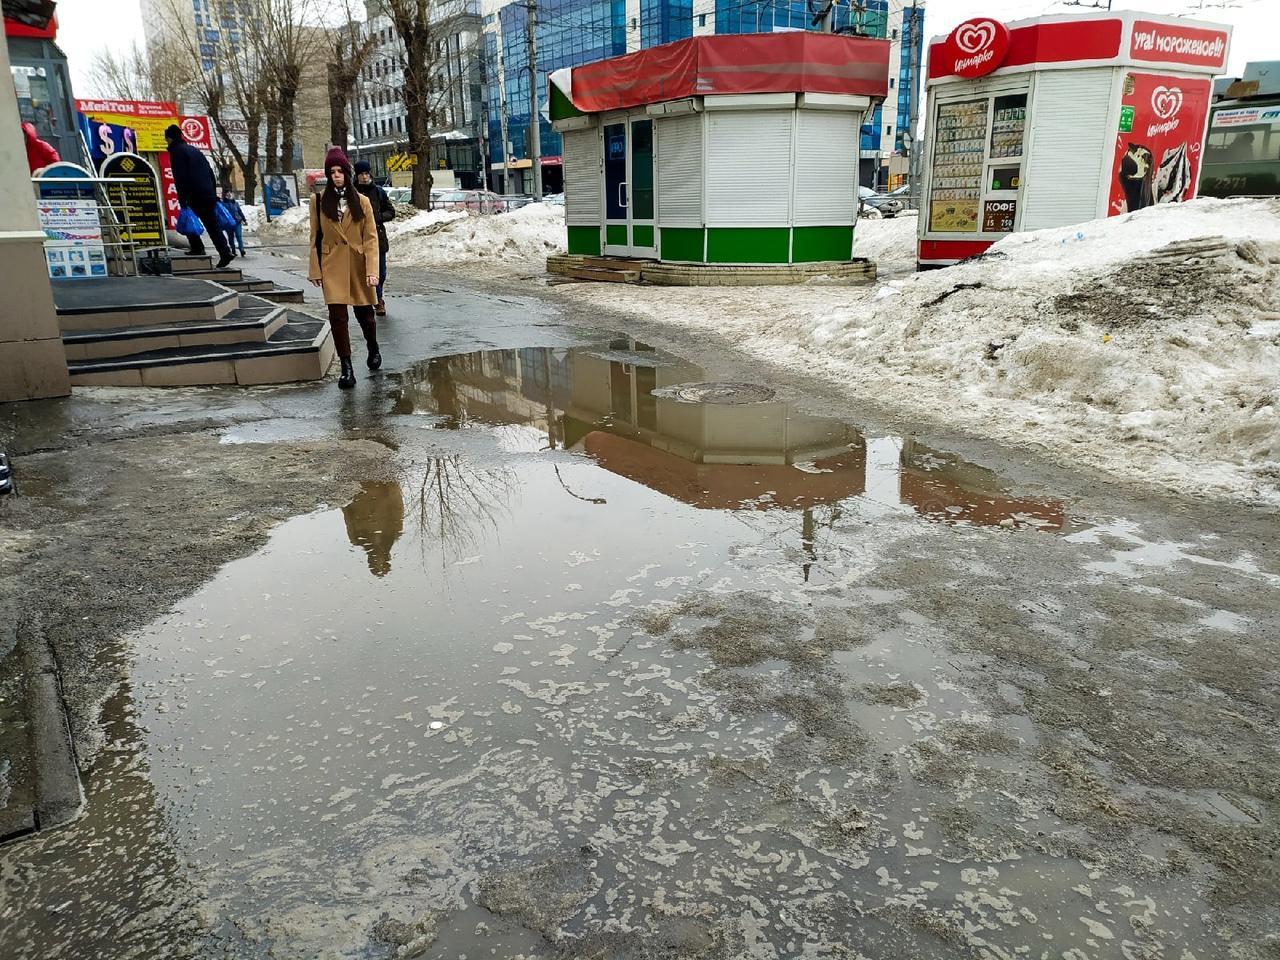 Фото Грязная весна в Новосибирске: 10 ужасающих фото улиц и дворов города 2